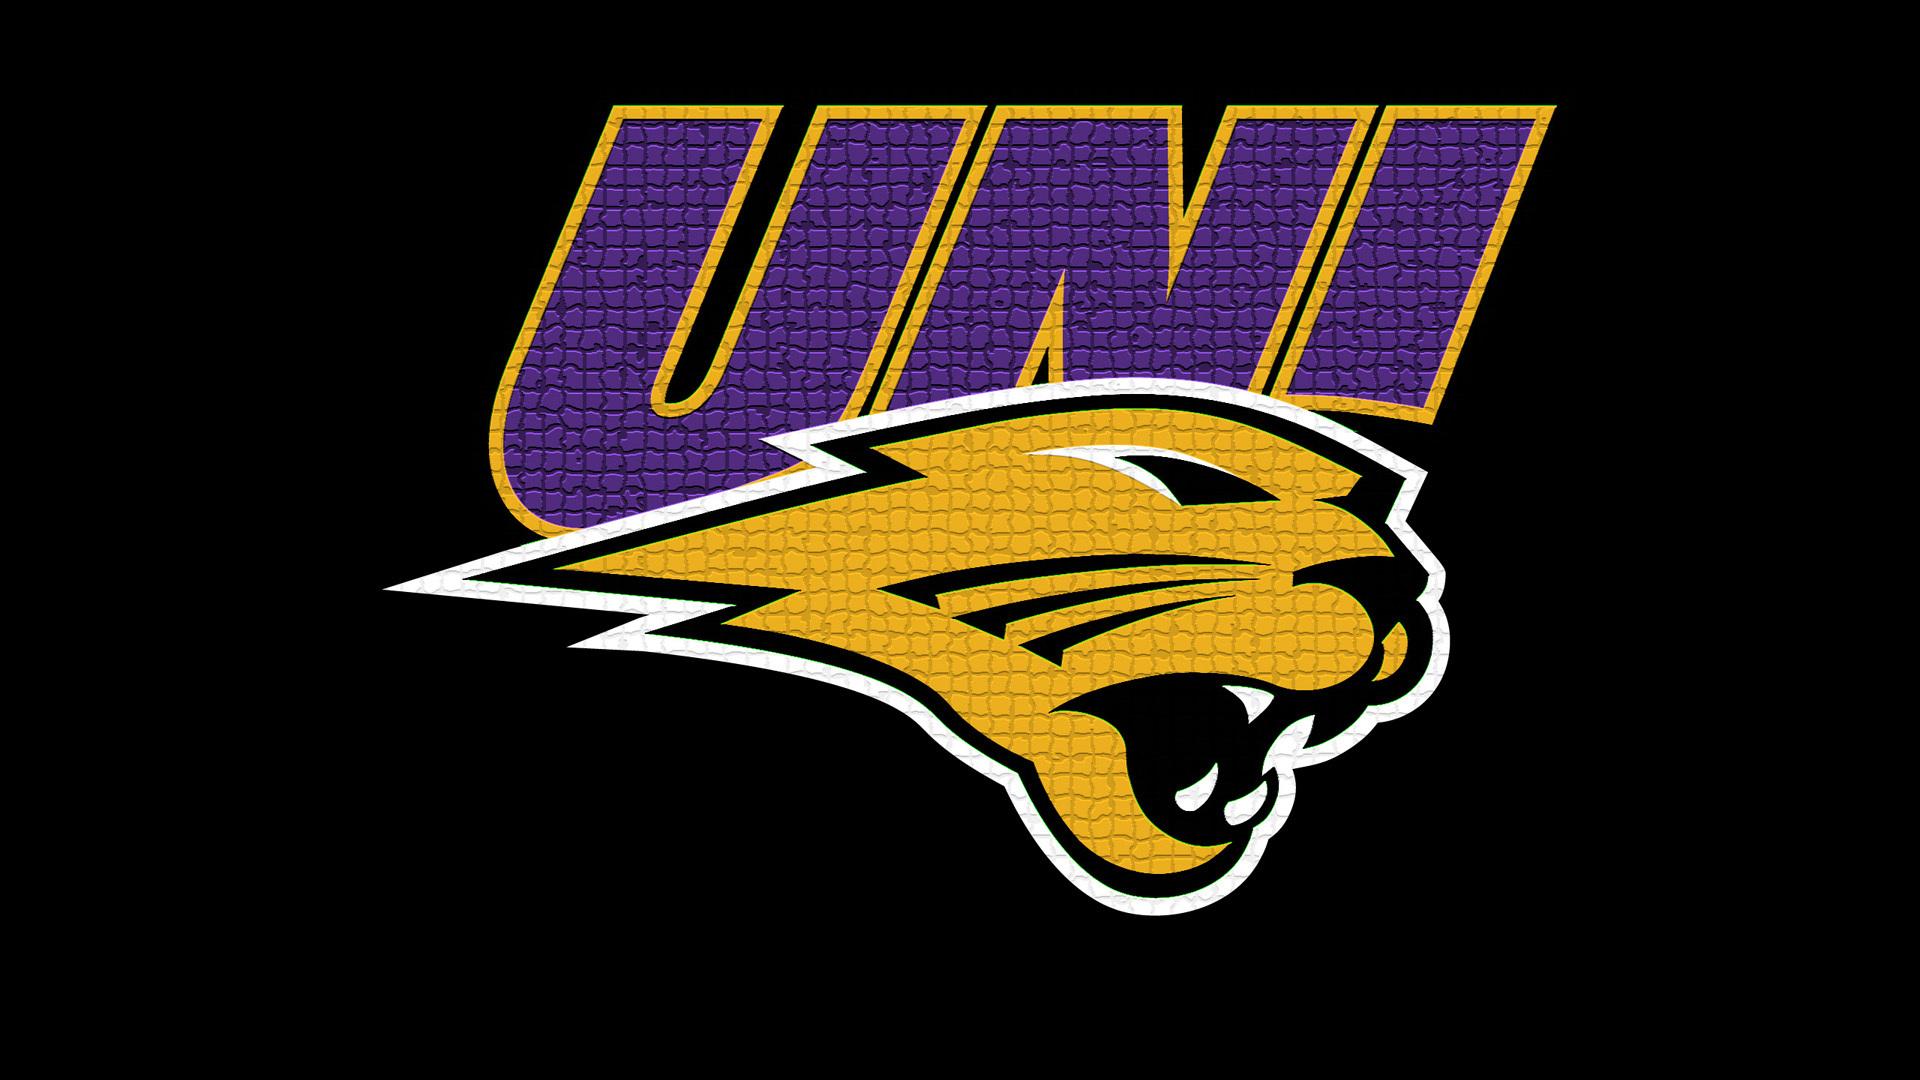 University Of Northern Iowa Panthers wallpaper   417275 1920x1080